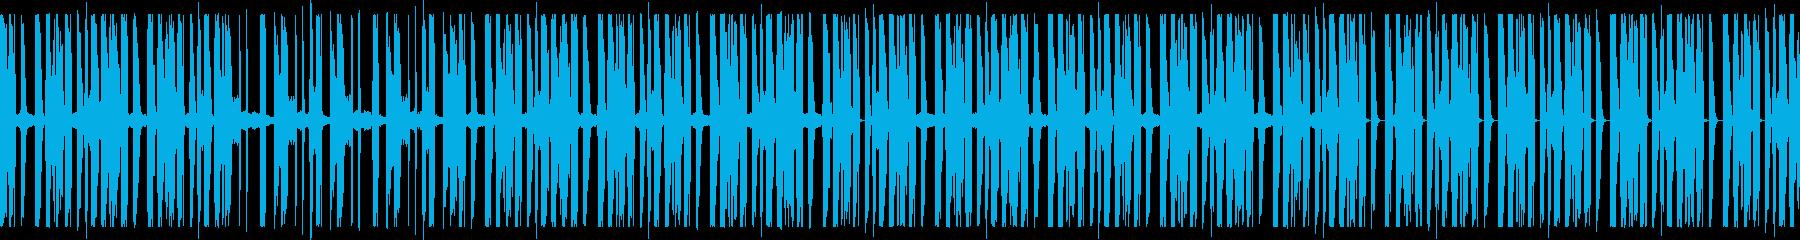 緊張感の漂う怪しいランダムビートの再生済みの波形